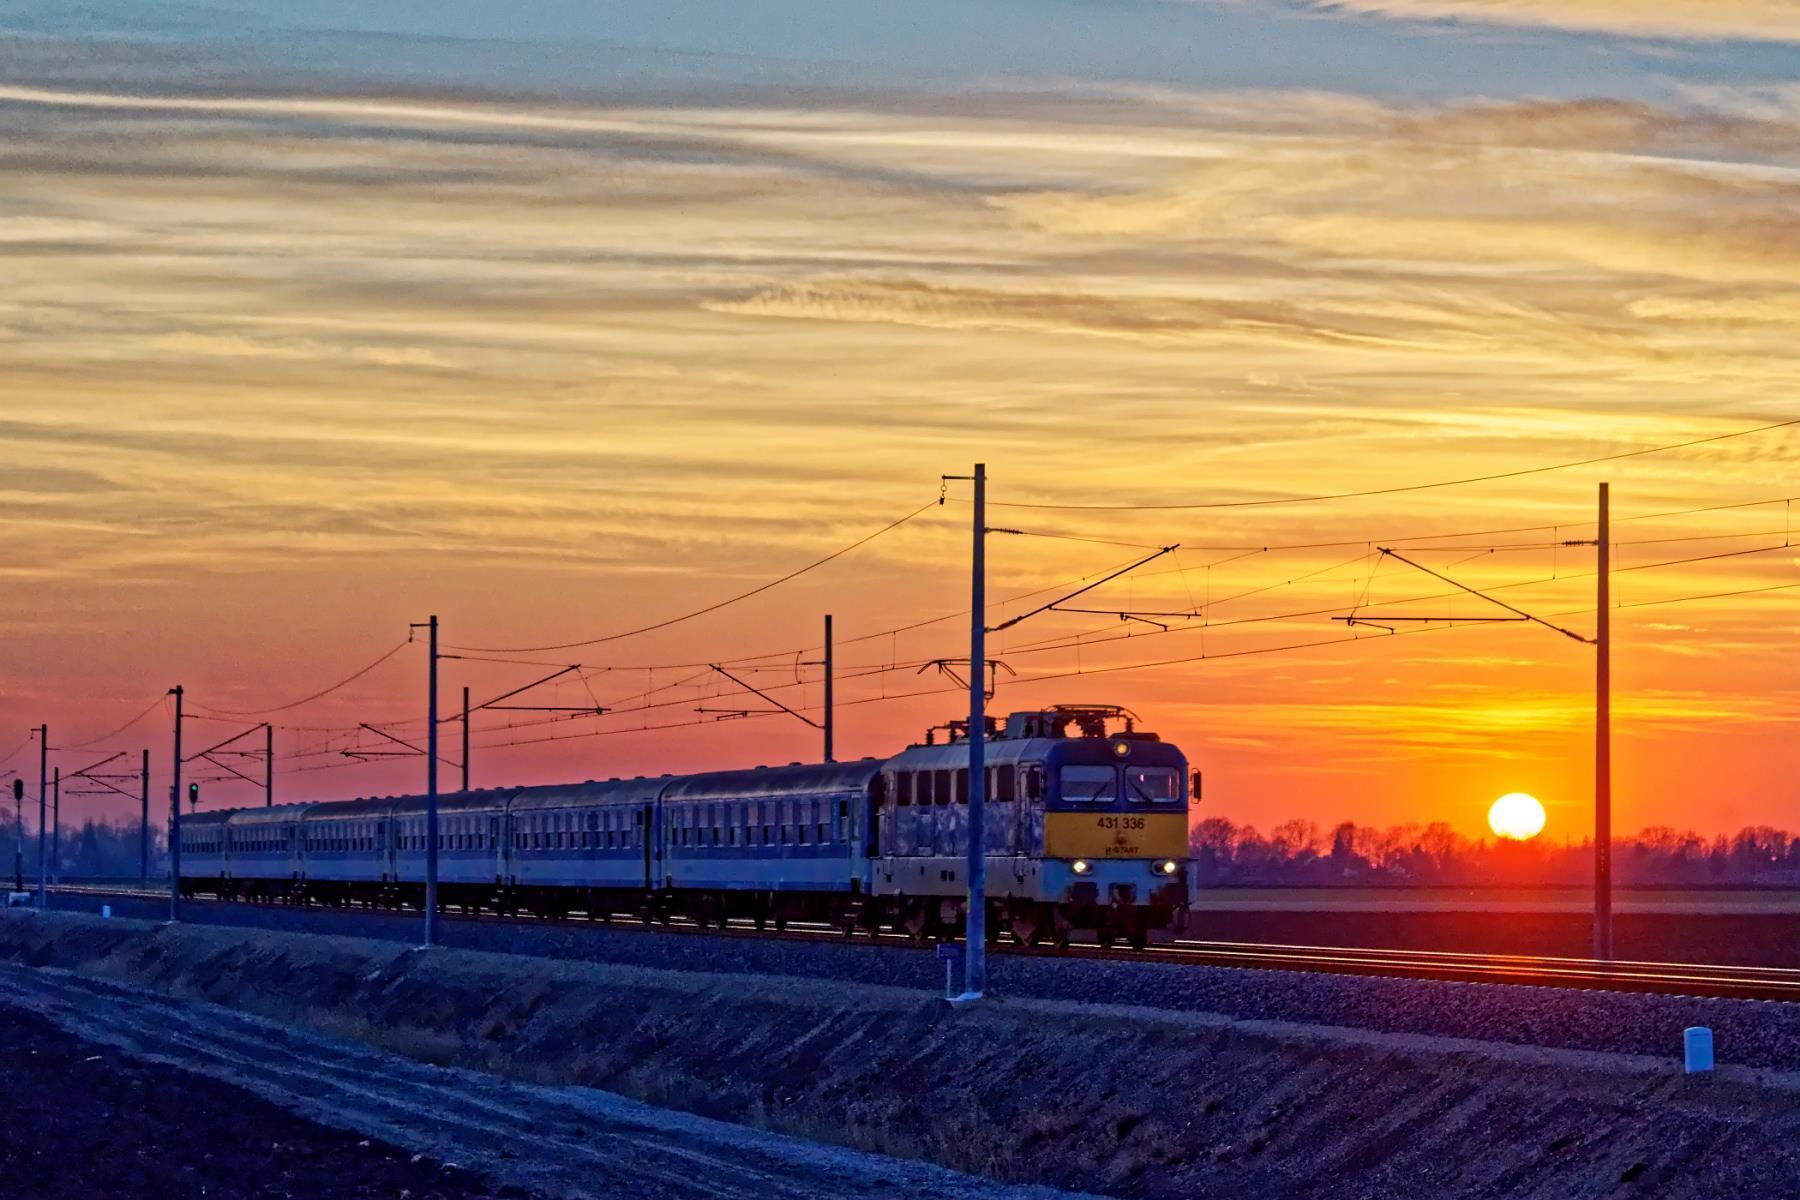 Mégis fel lesz újítva a Szeged-Kiskunfélegyháza vasútvonal?